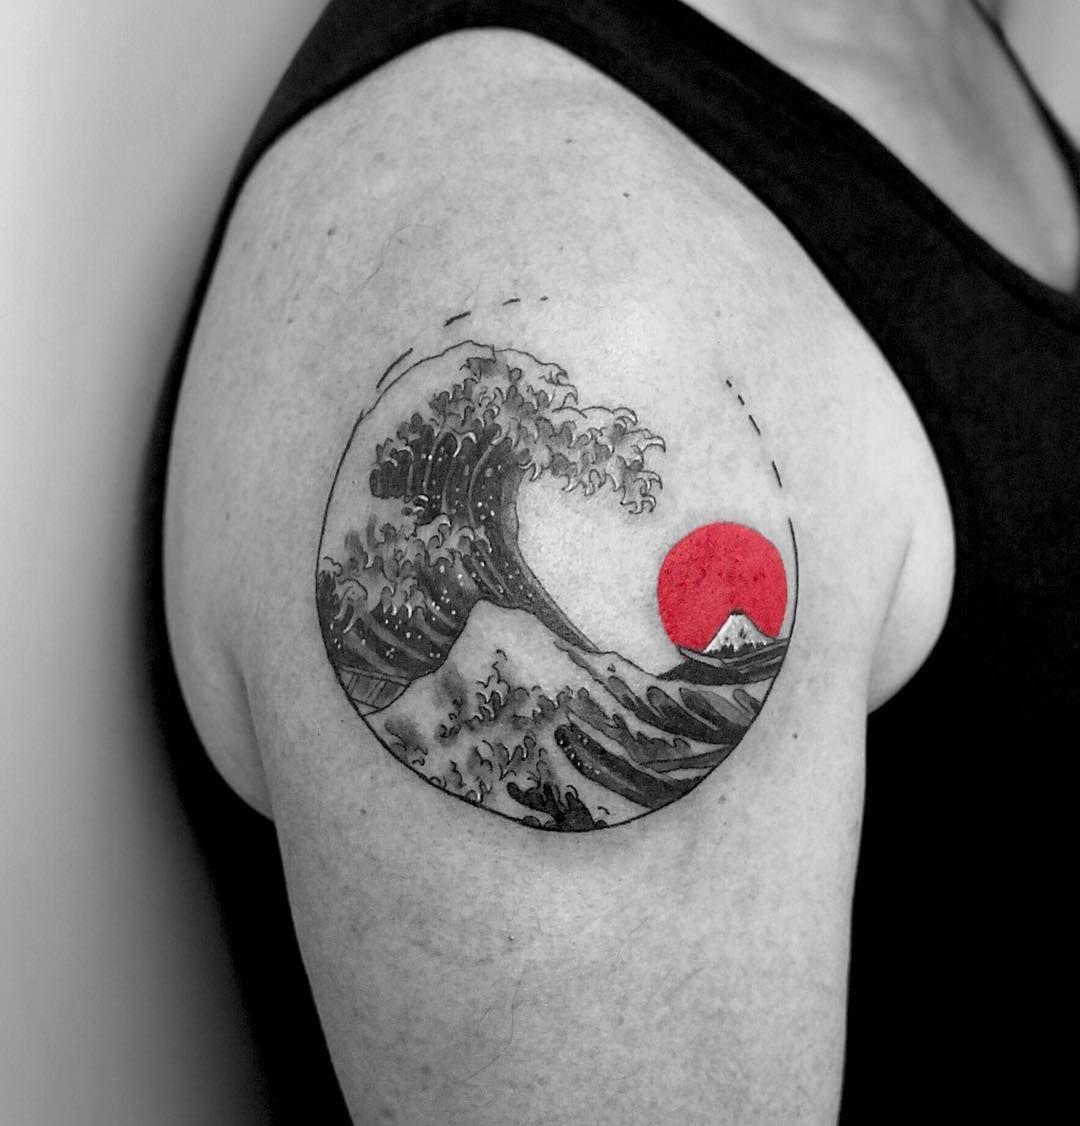 Little Tattoo Ink Inked Tattooed Wave Japanese Art Draw Drawing Dessin French Artist Red Kanagawa Fuji Sun Waves Tattoo Tattoos Trendy Tattoos